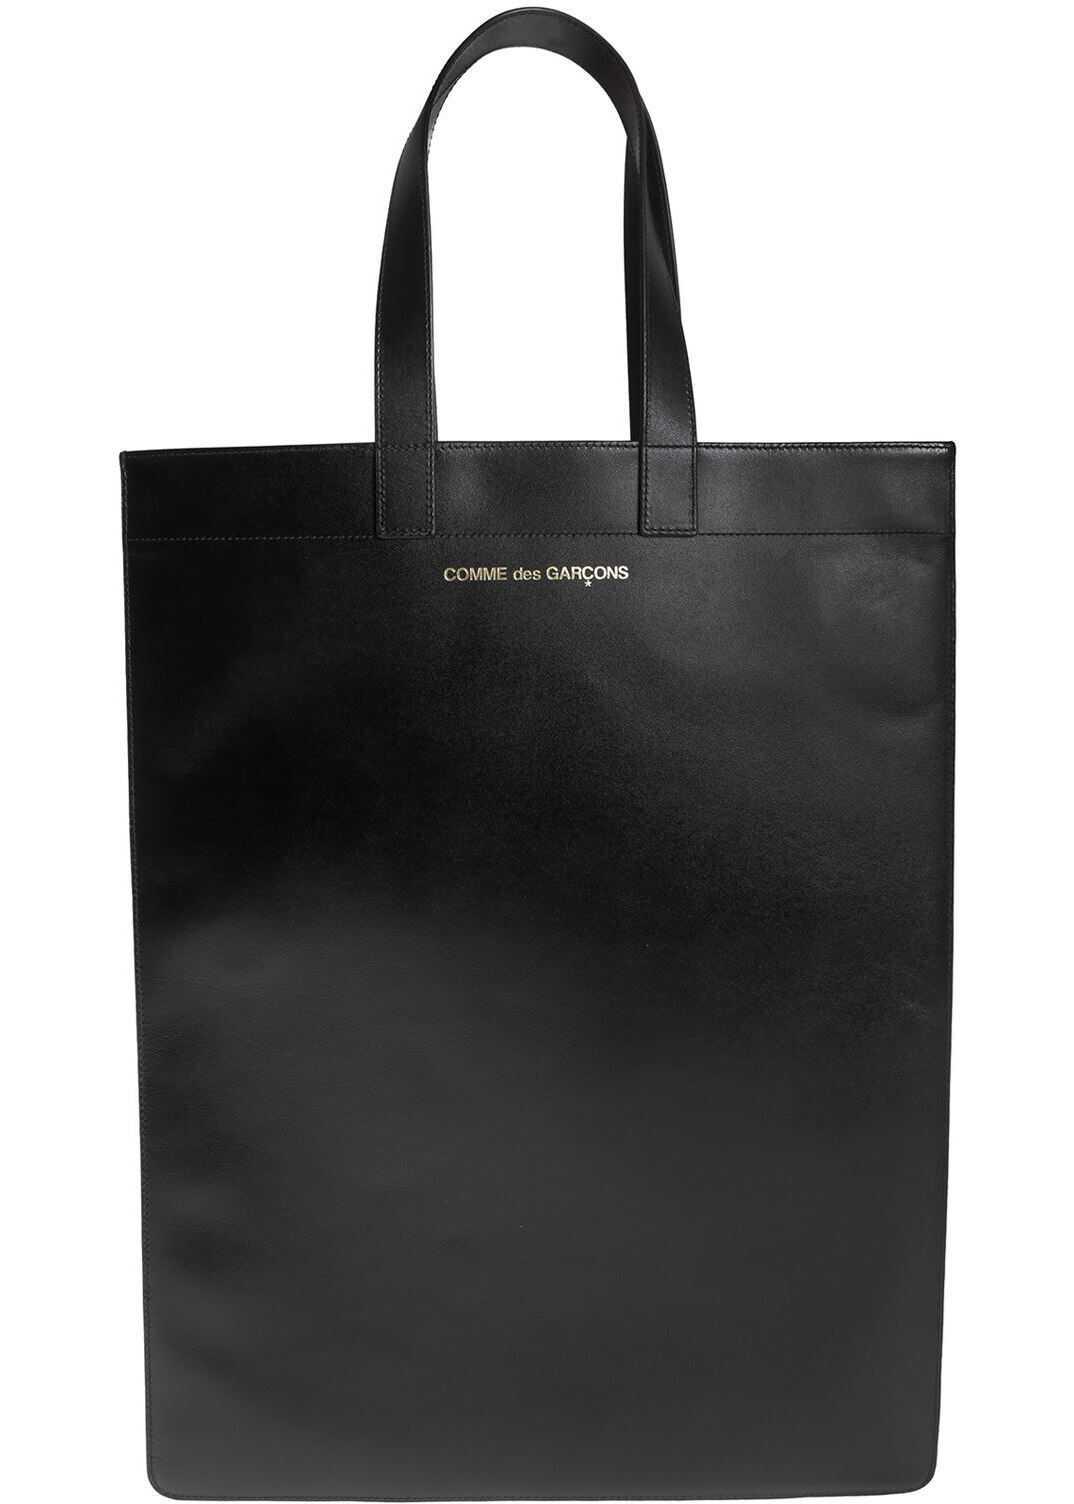 Comme des Garçons Shopping Bag In Black Black